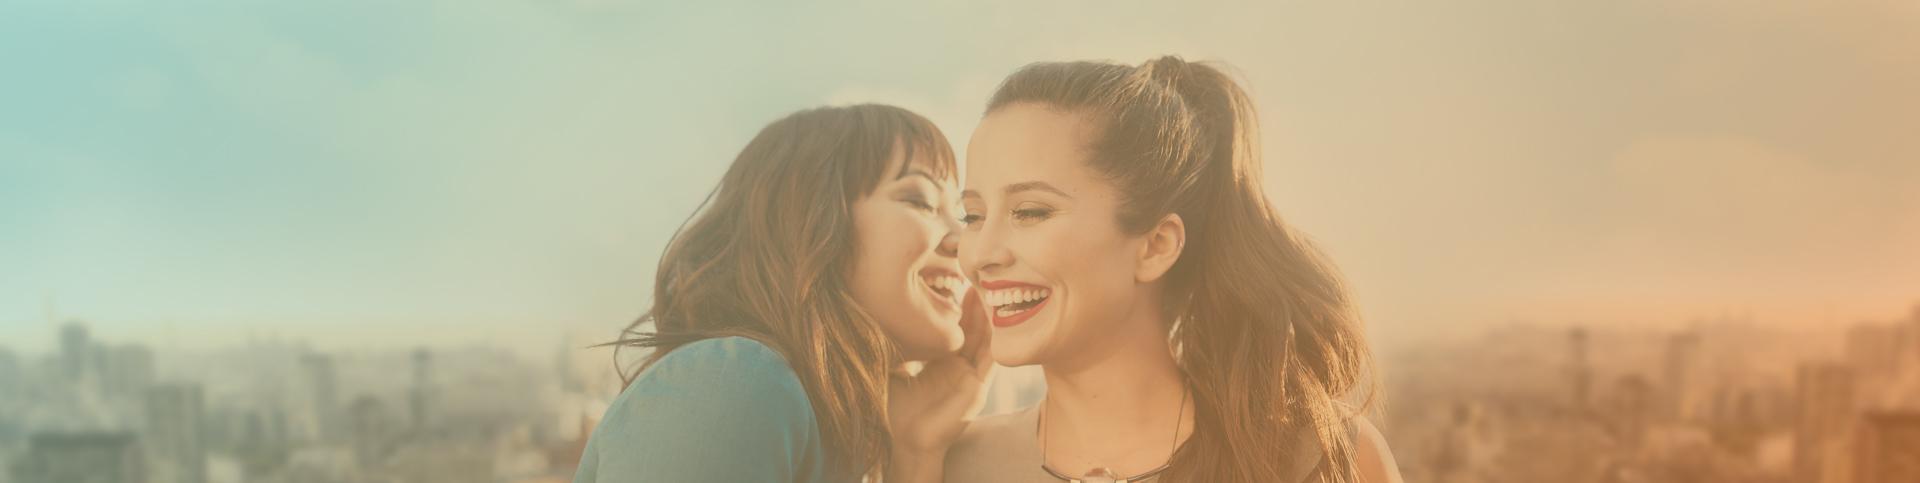 Mujeres sonriendo